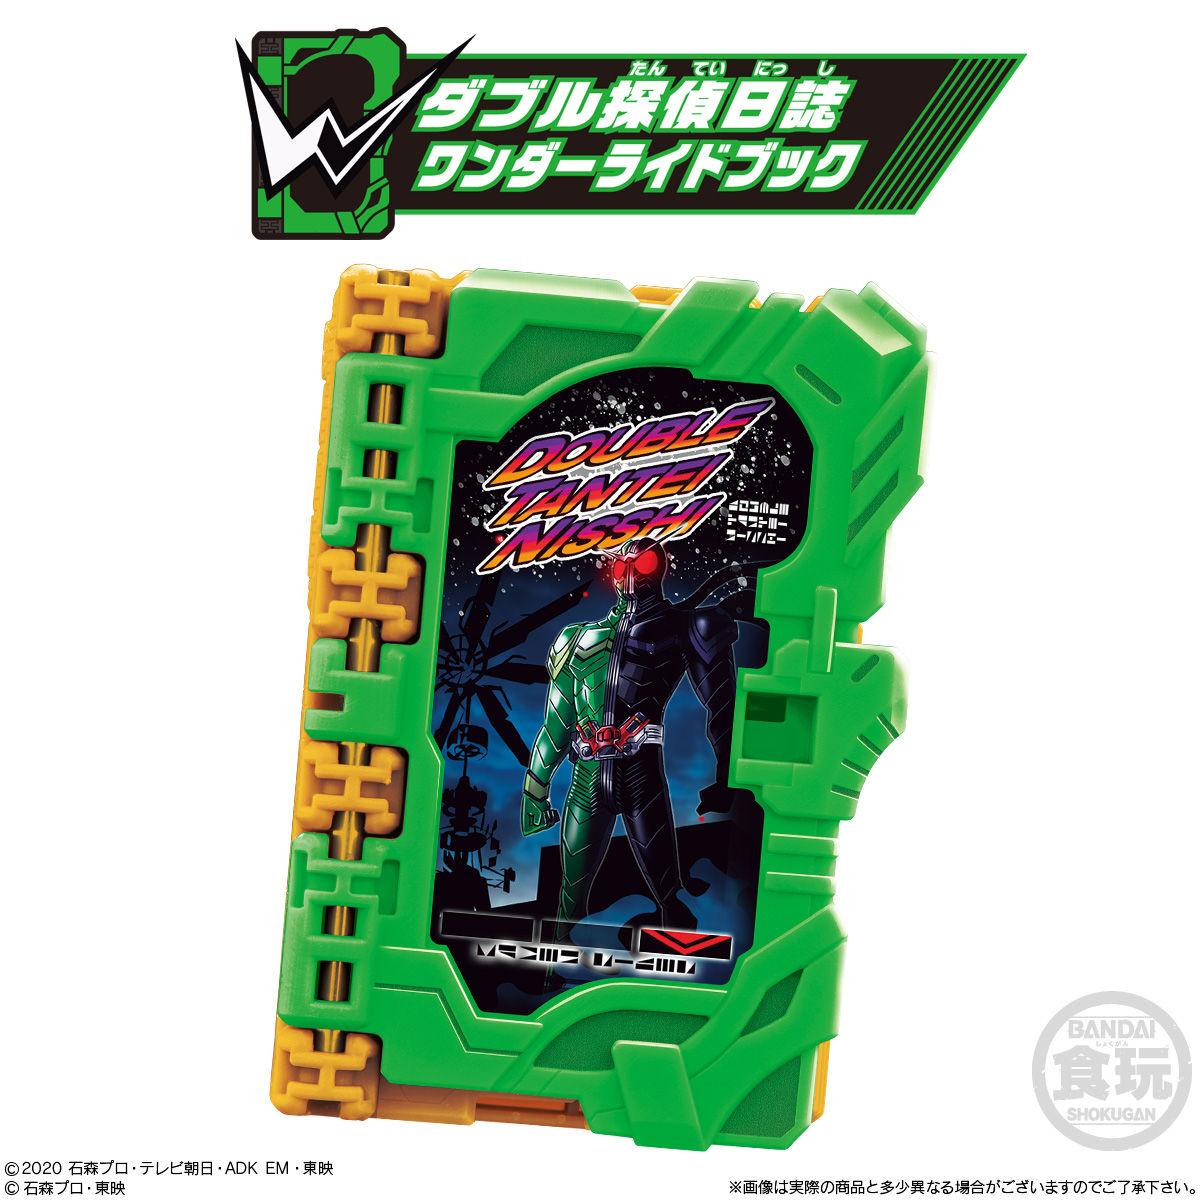 【食玩】仮面ライダーセイバー『コレクタブルワンダーライドブック SG05』8個入りBOX-006